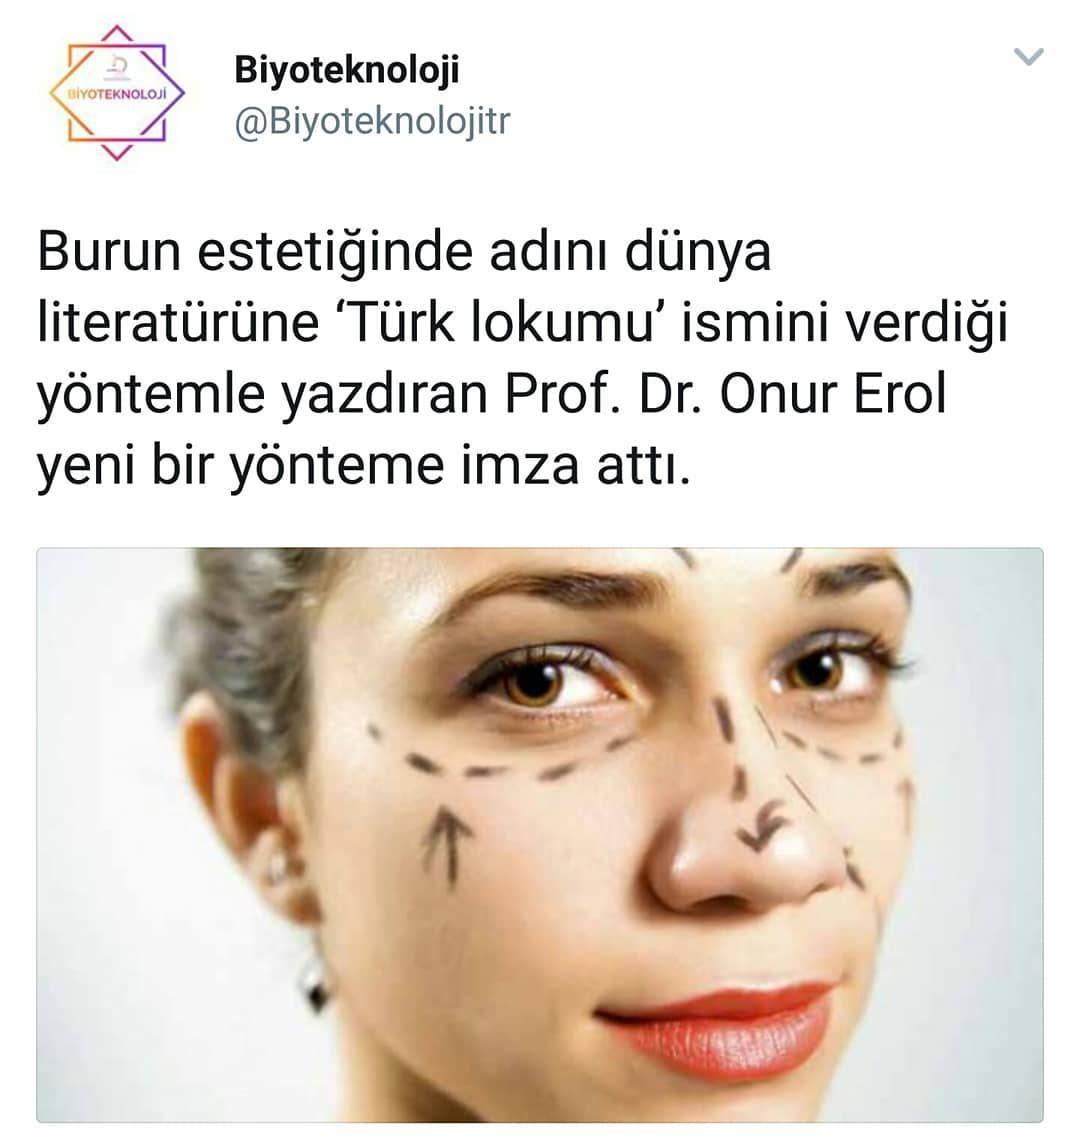 Türk doktor adını tıp literatürüne yazdırdı